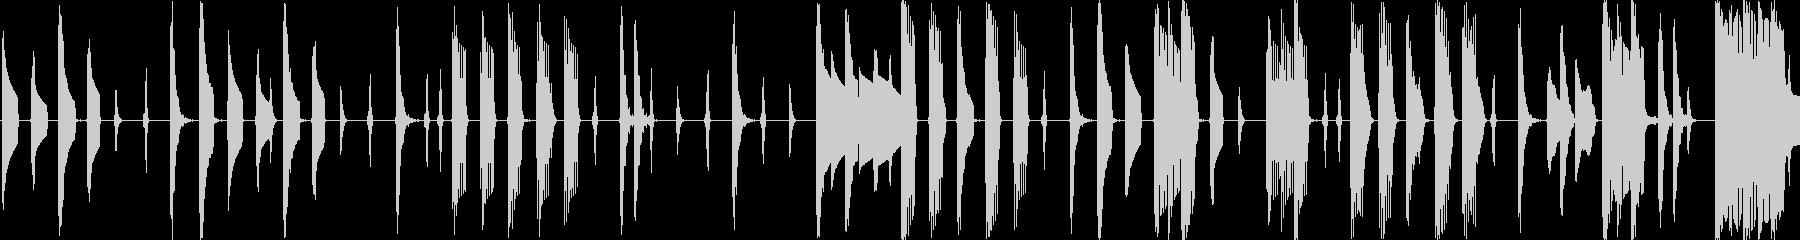 レトロゲーム風の可愛らしいエレクトロニカの未再生の波形